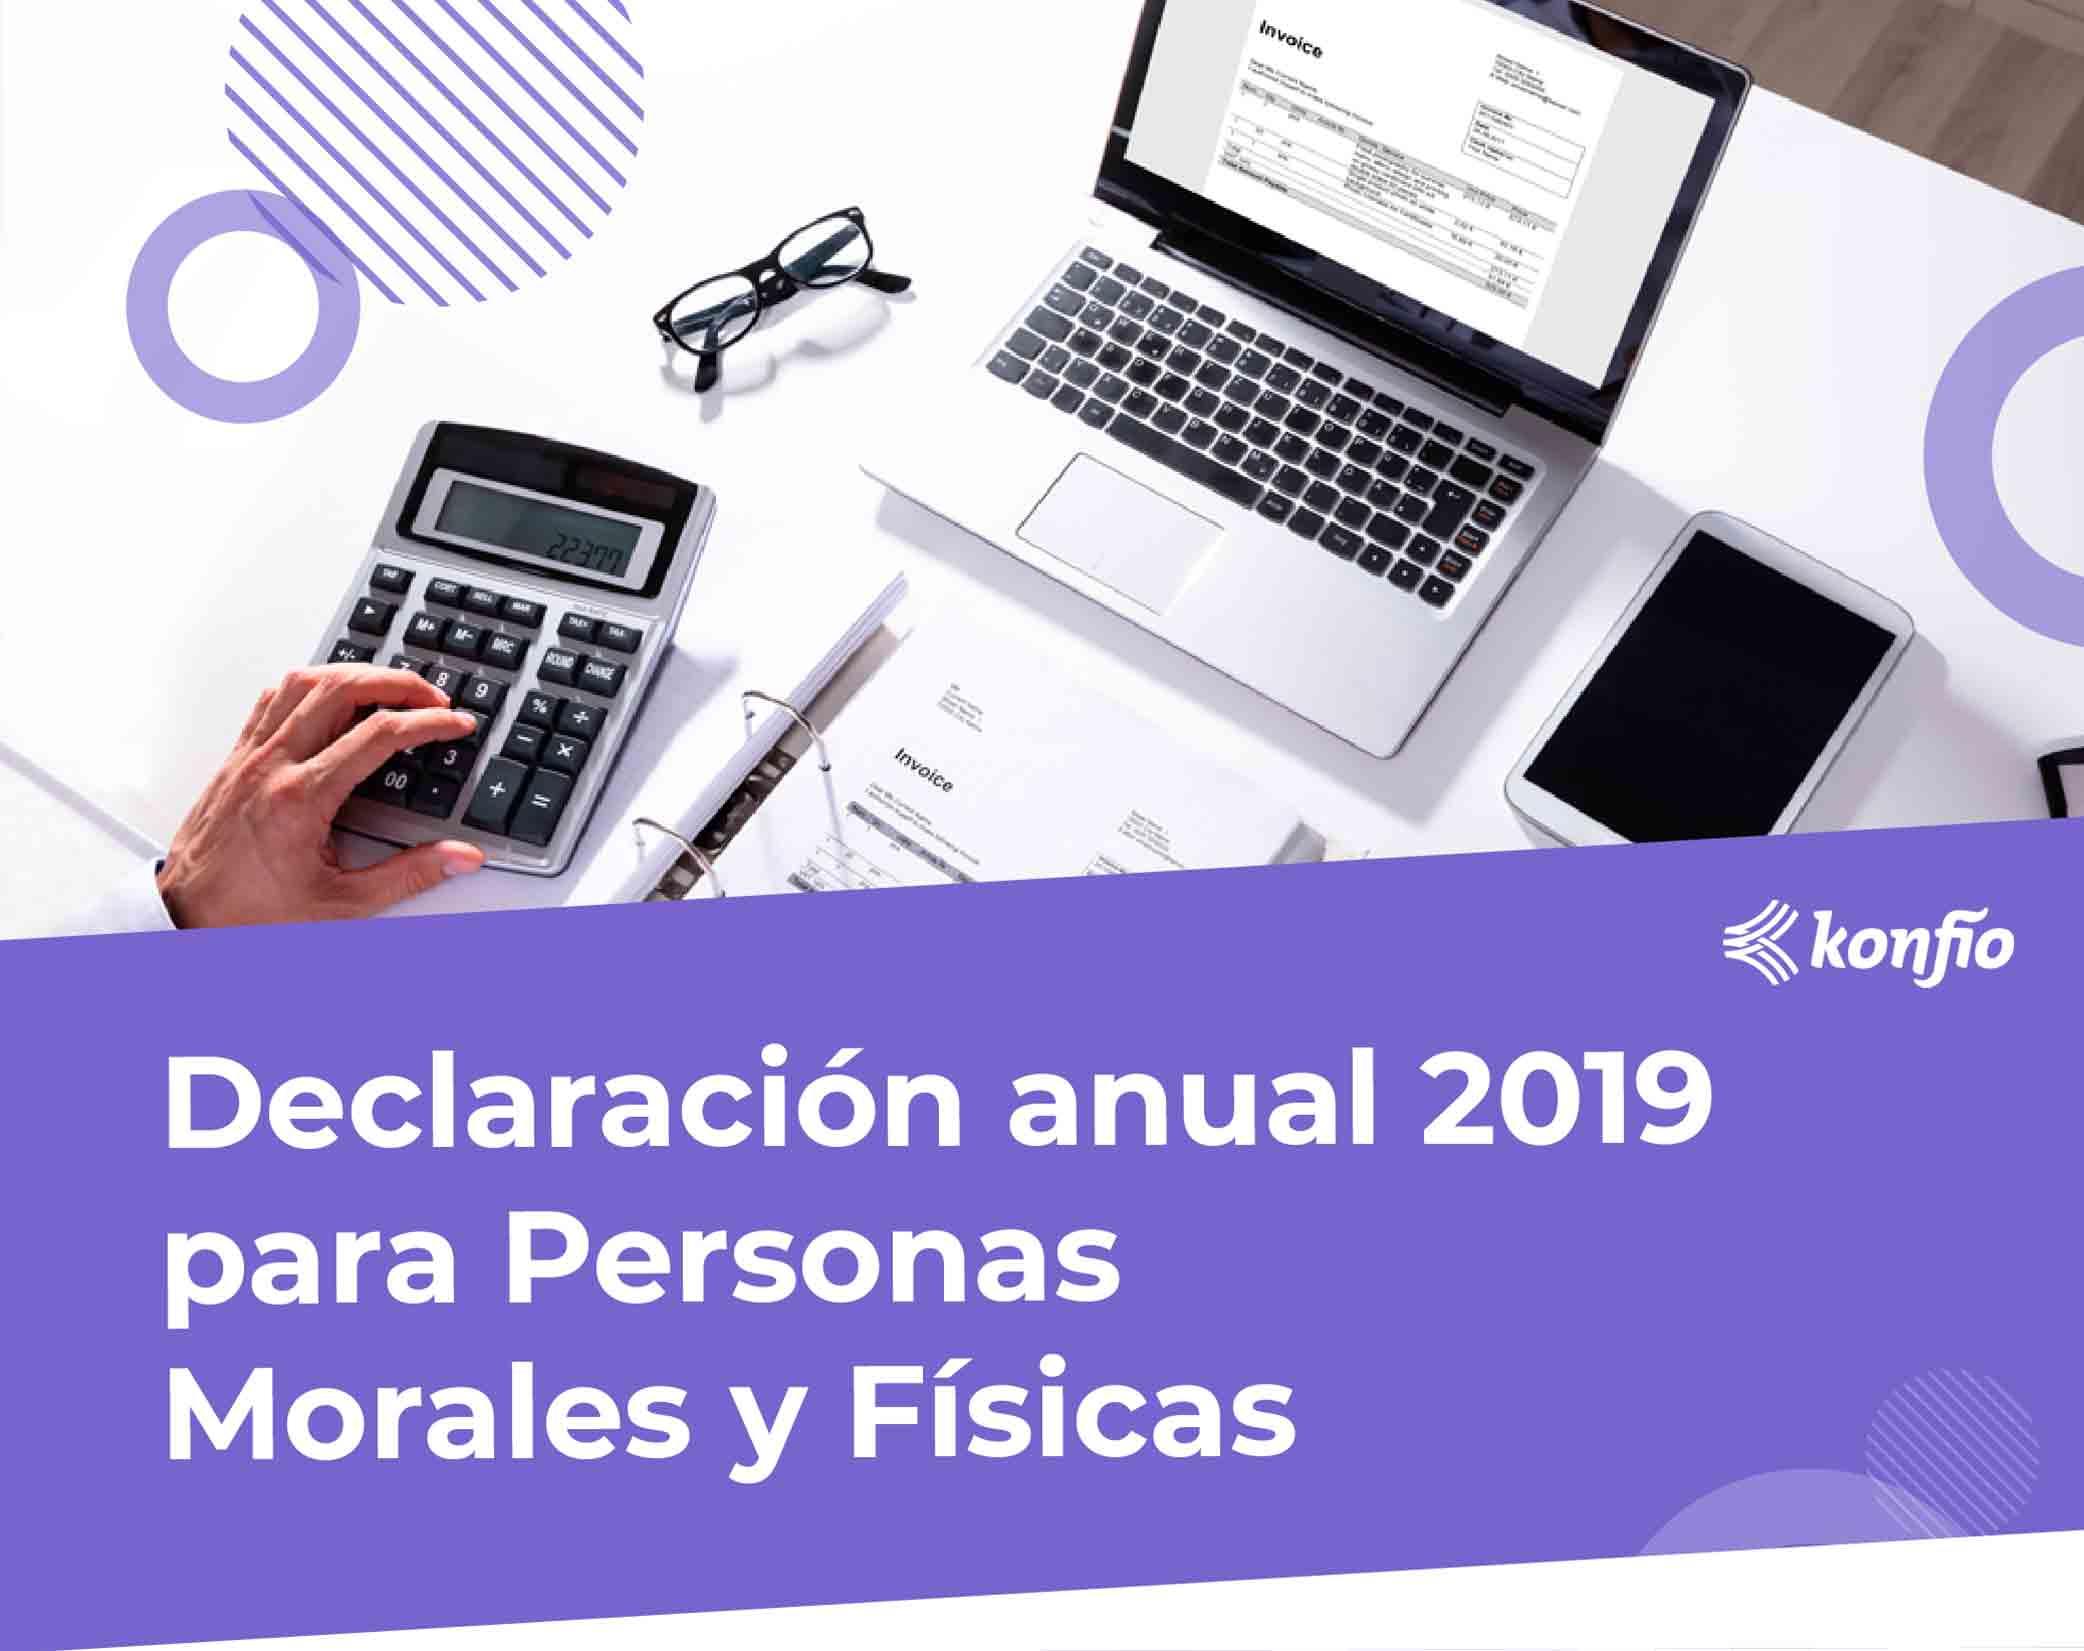 Declaración anual personas físicas y morales 2019